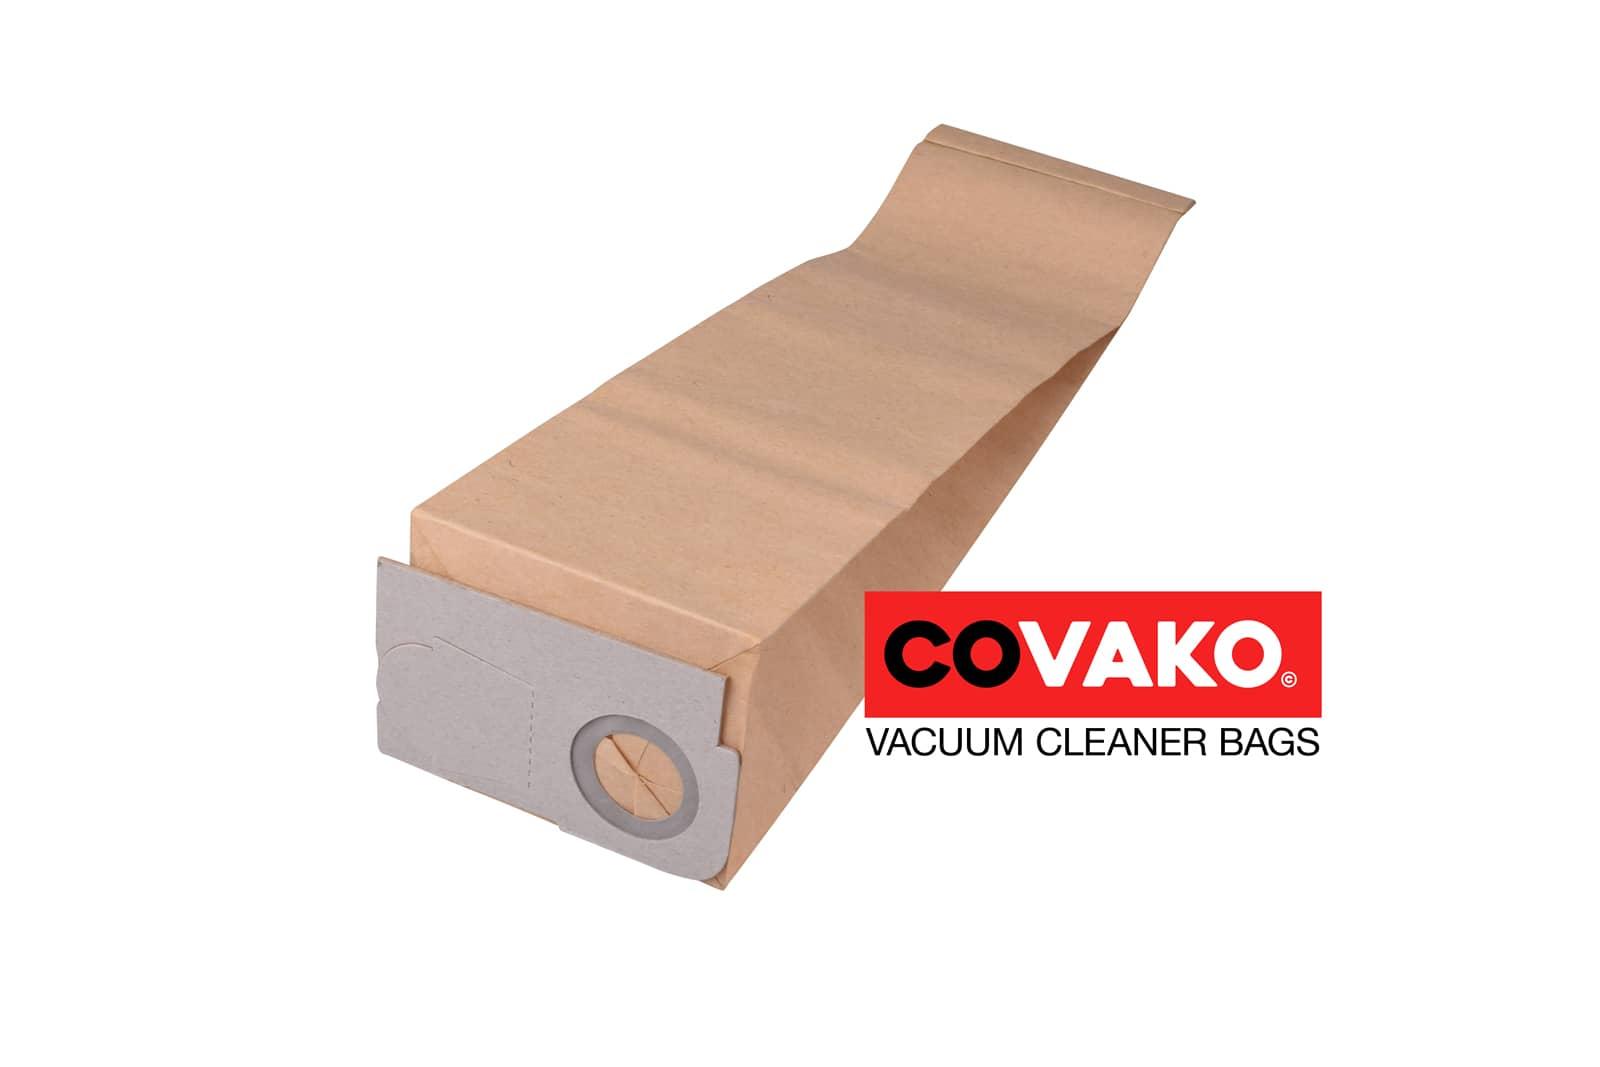 Tennant V 26 / Papier - Tennant sacs d'aspirateur